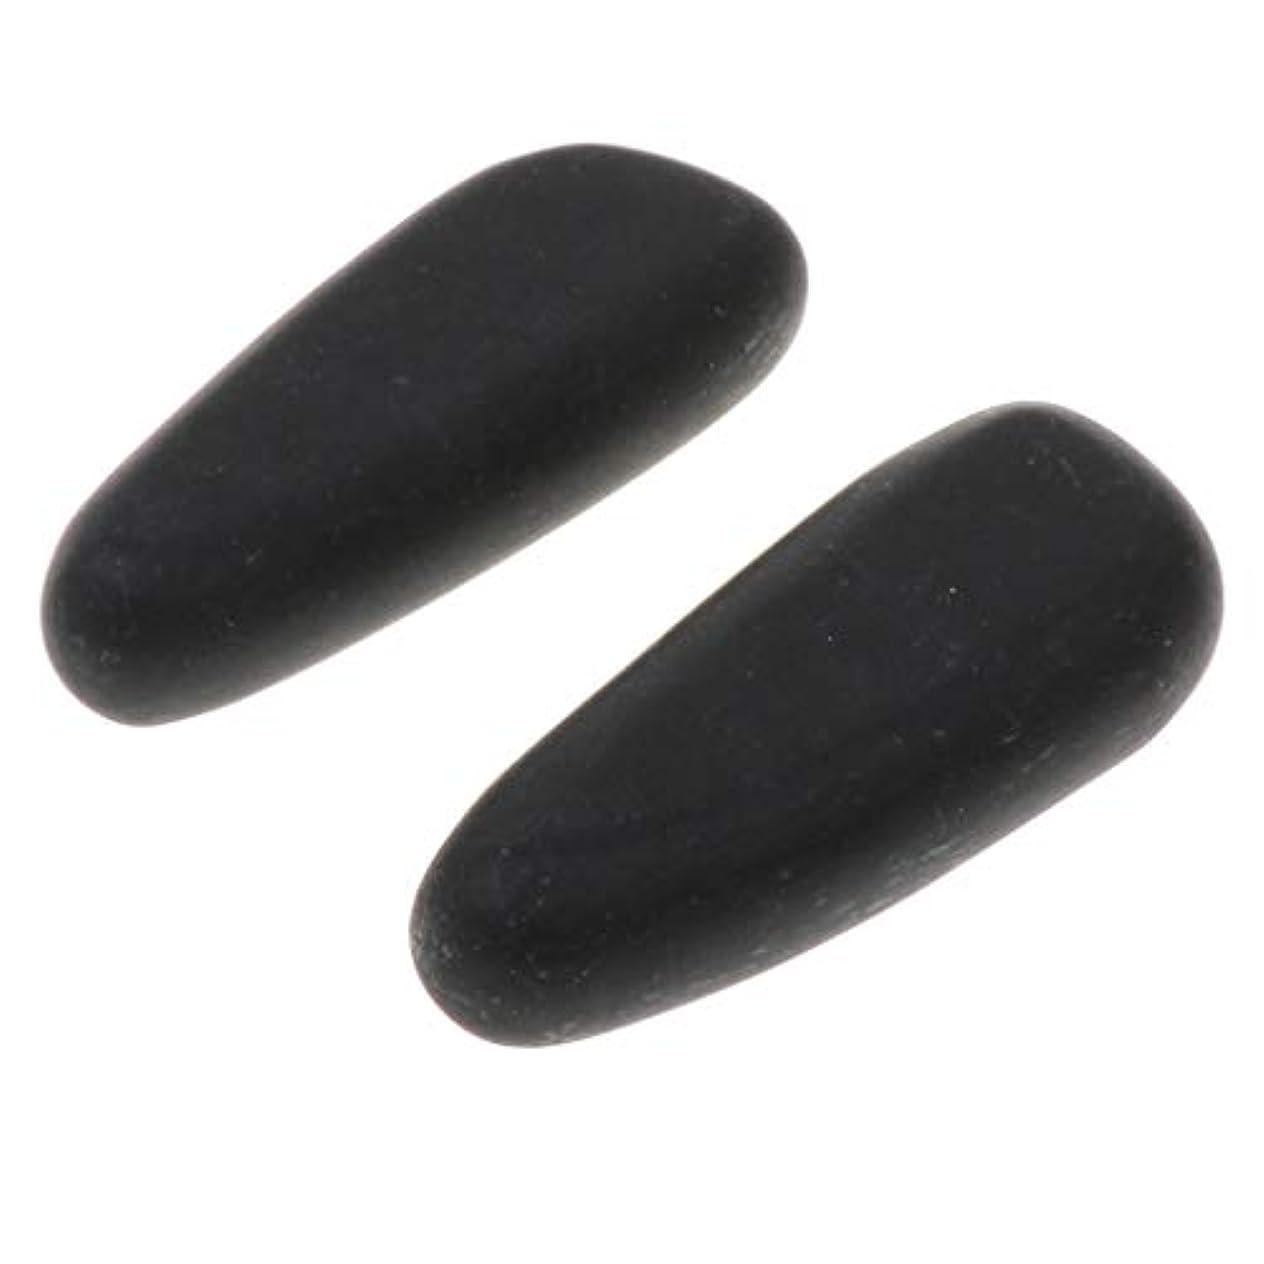 不安定な致命的ウイルス天然石ホットストーン マッサージストーン 玄武岩 ボディマッサージ 実用 ツボ押しグッズ 2個 全2サイズ - 8×3.2×2cm